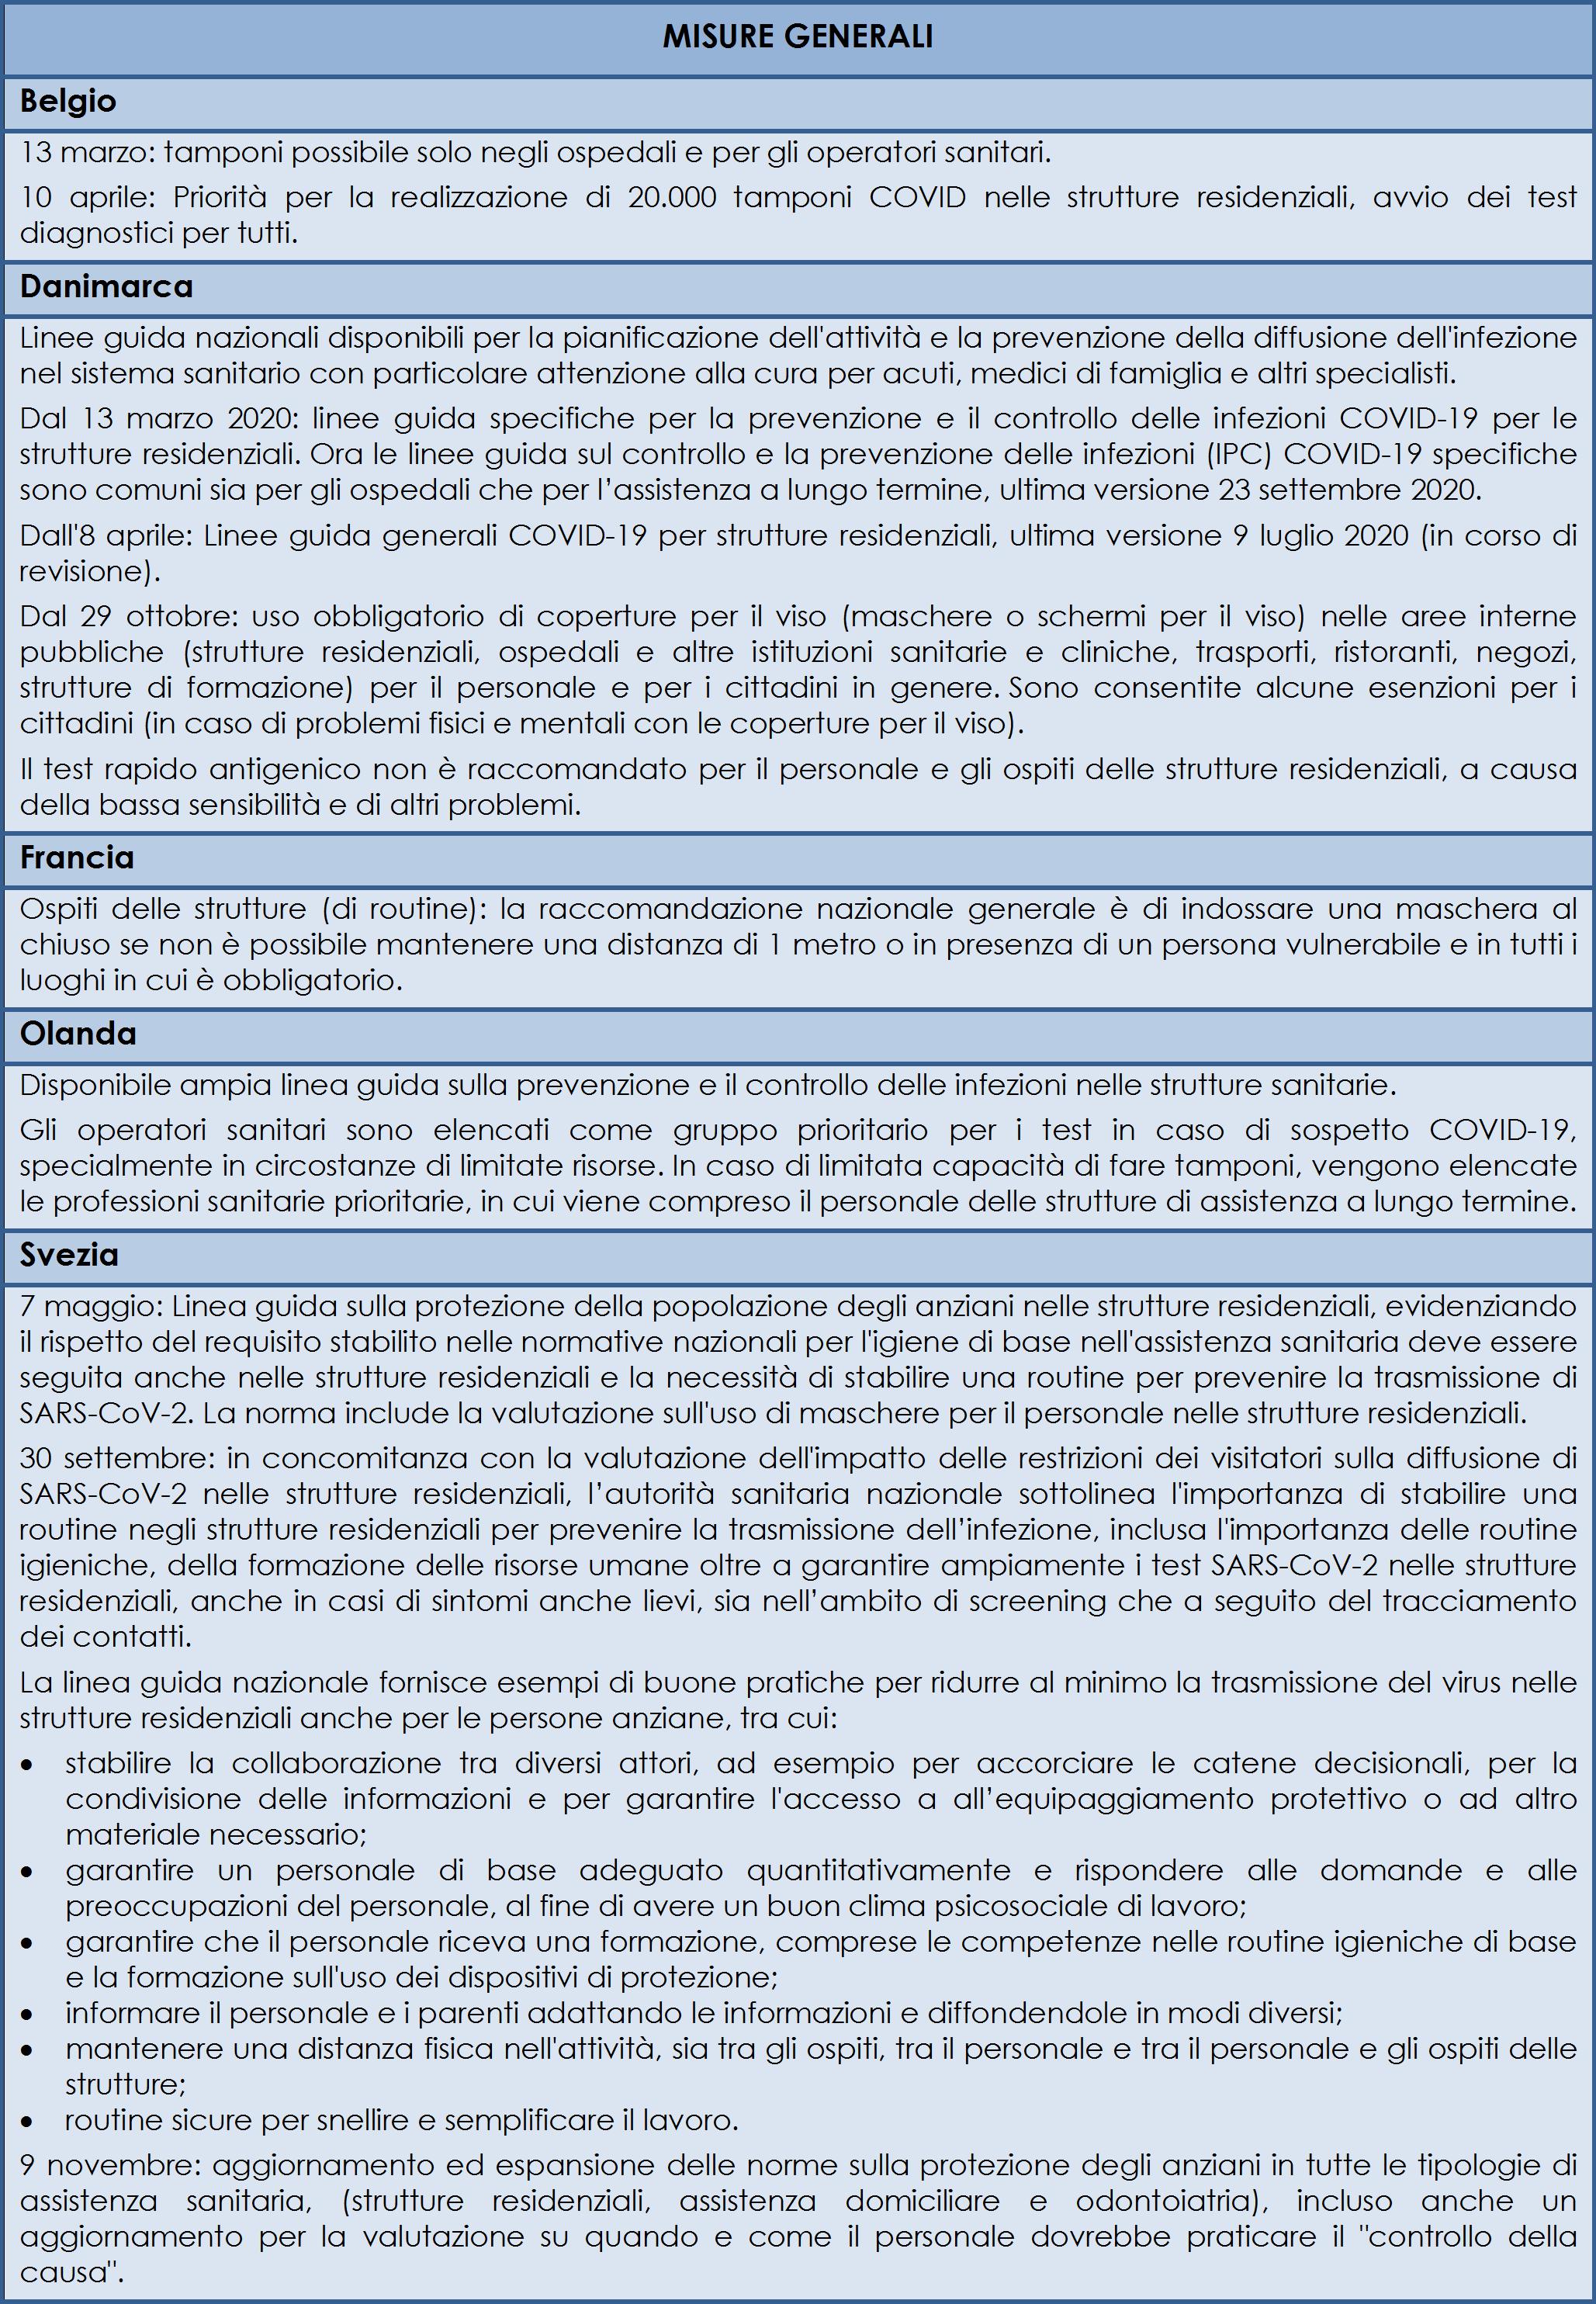 Le misure di carattere generale previste per le strutture residenziali per anziani in alcuni paesi europei